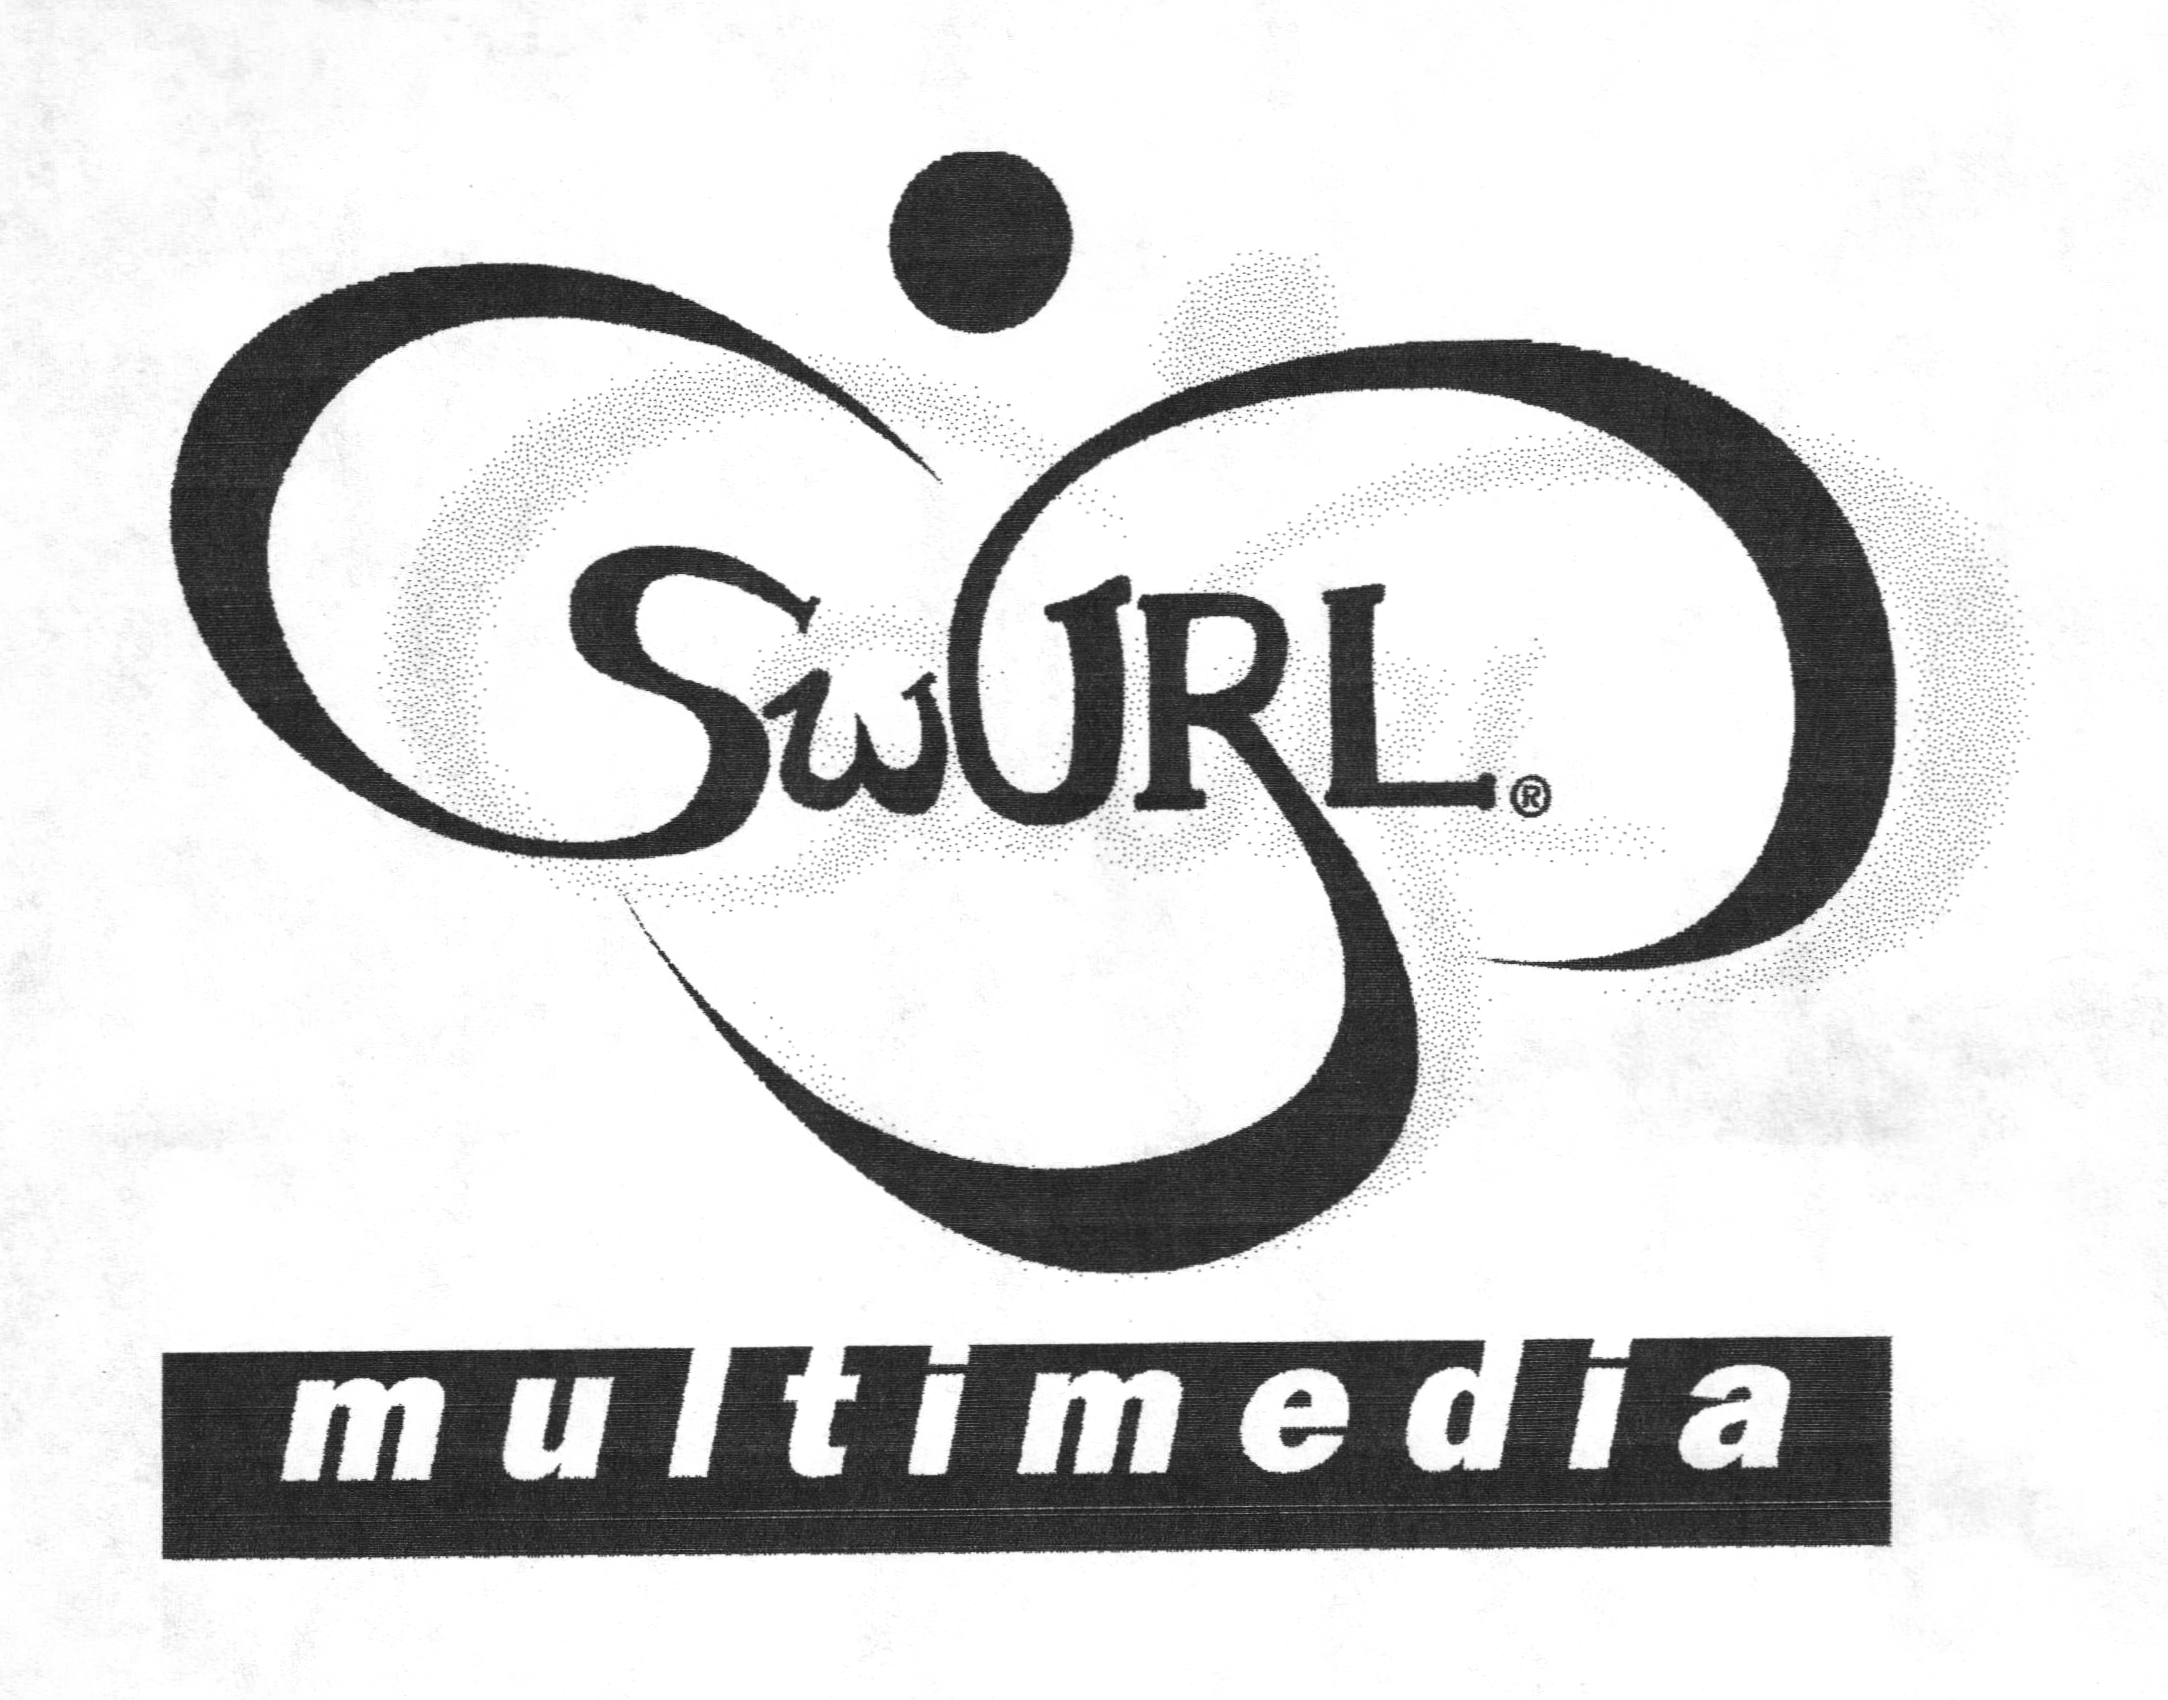 swurl logo scan.png